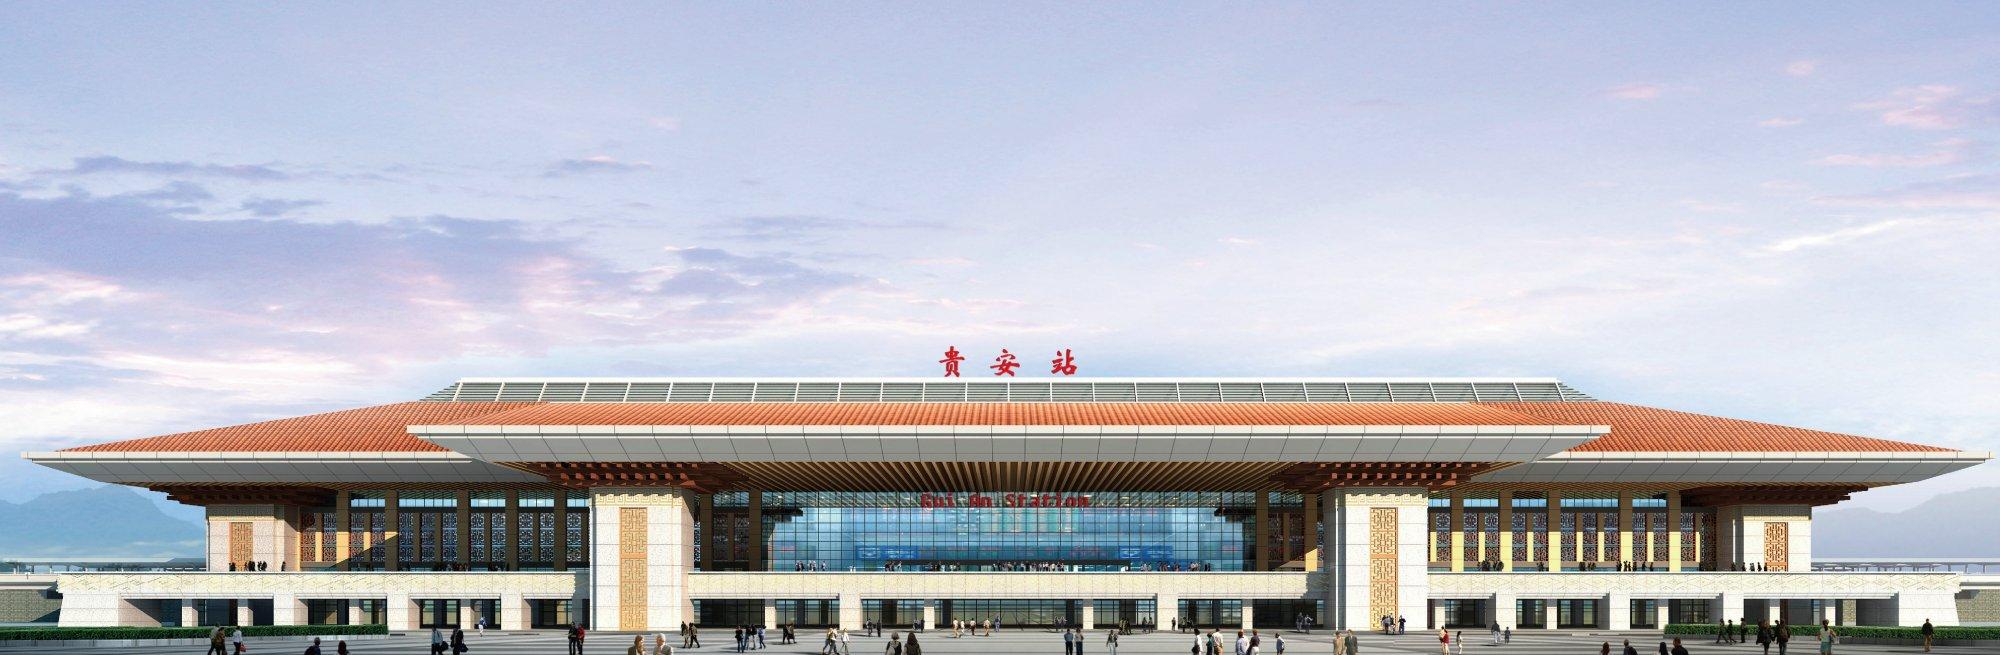 沪昆高铁在贵州省境内主要的12座火车站一览